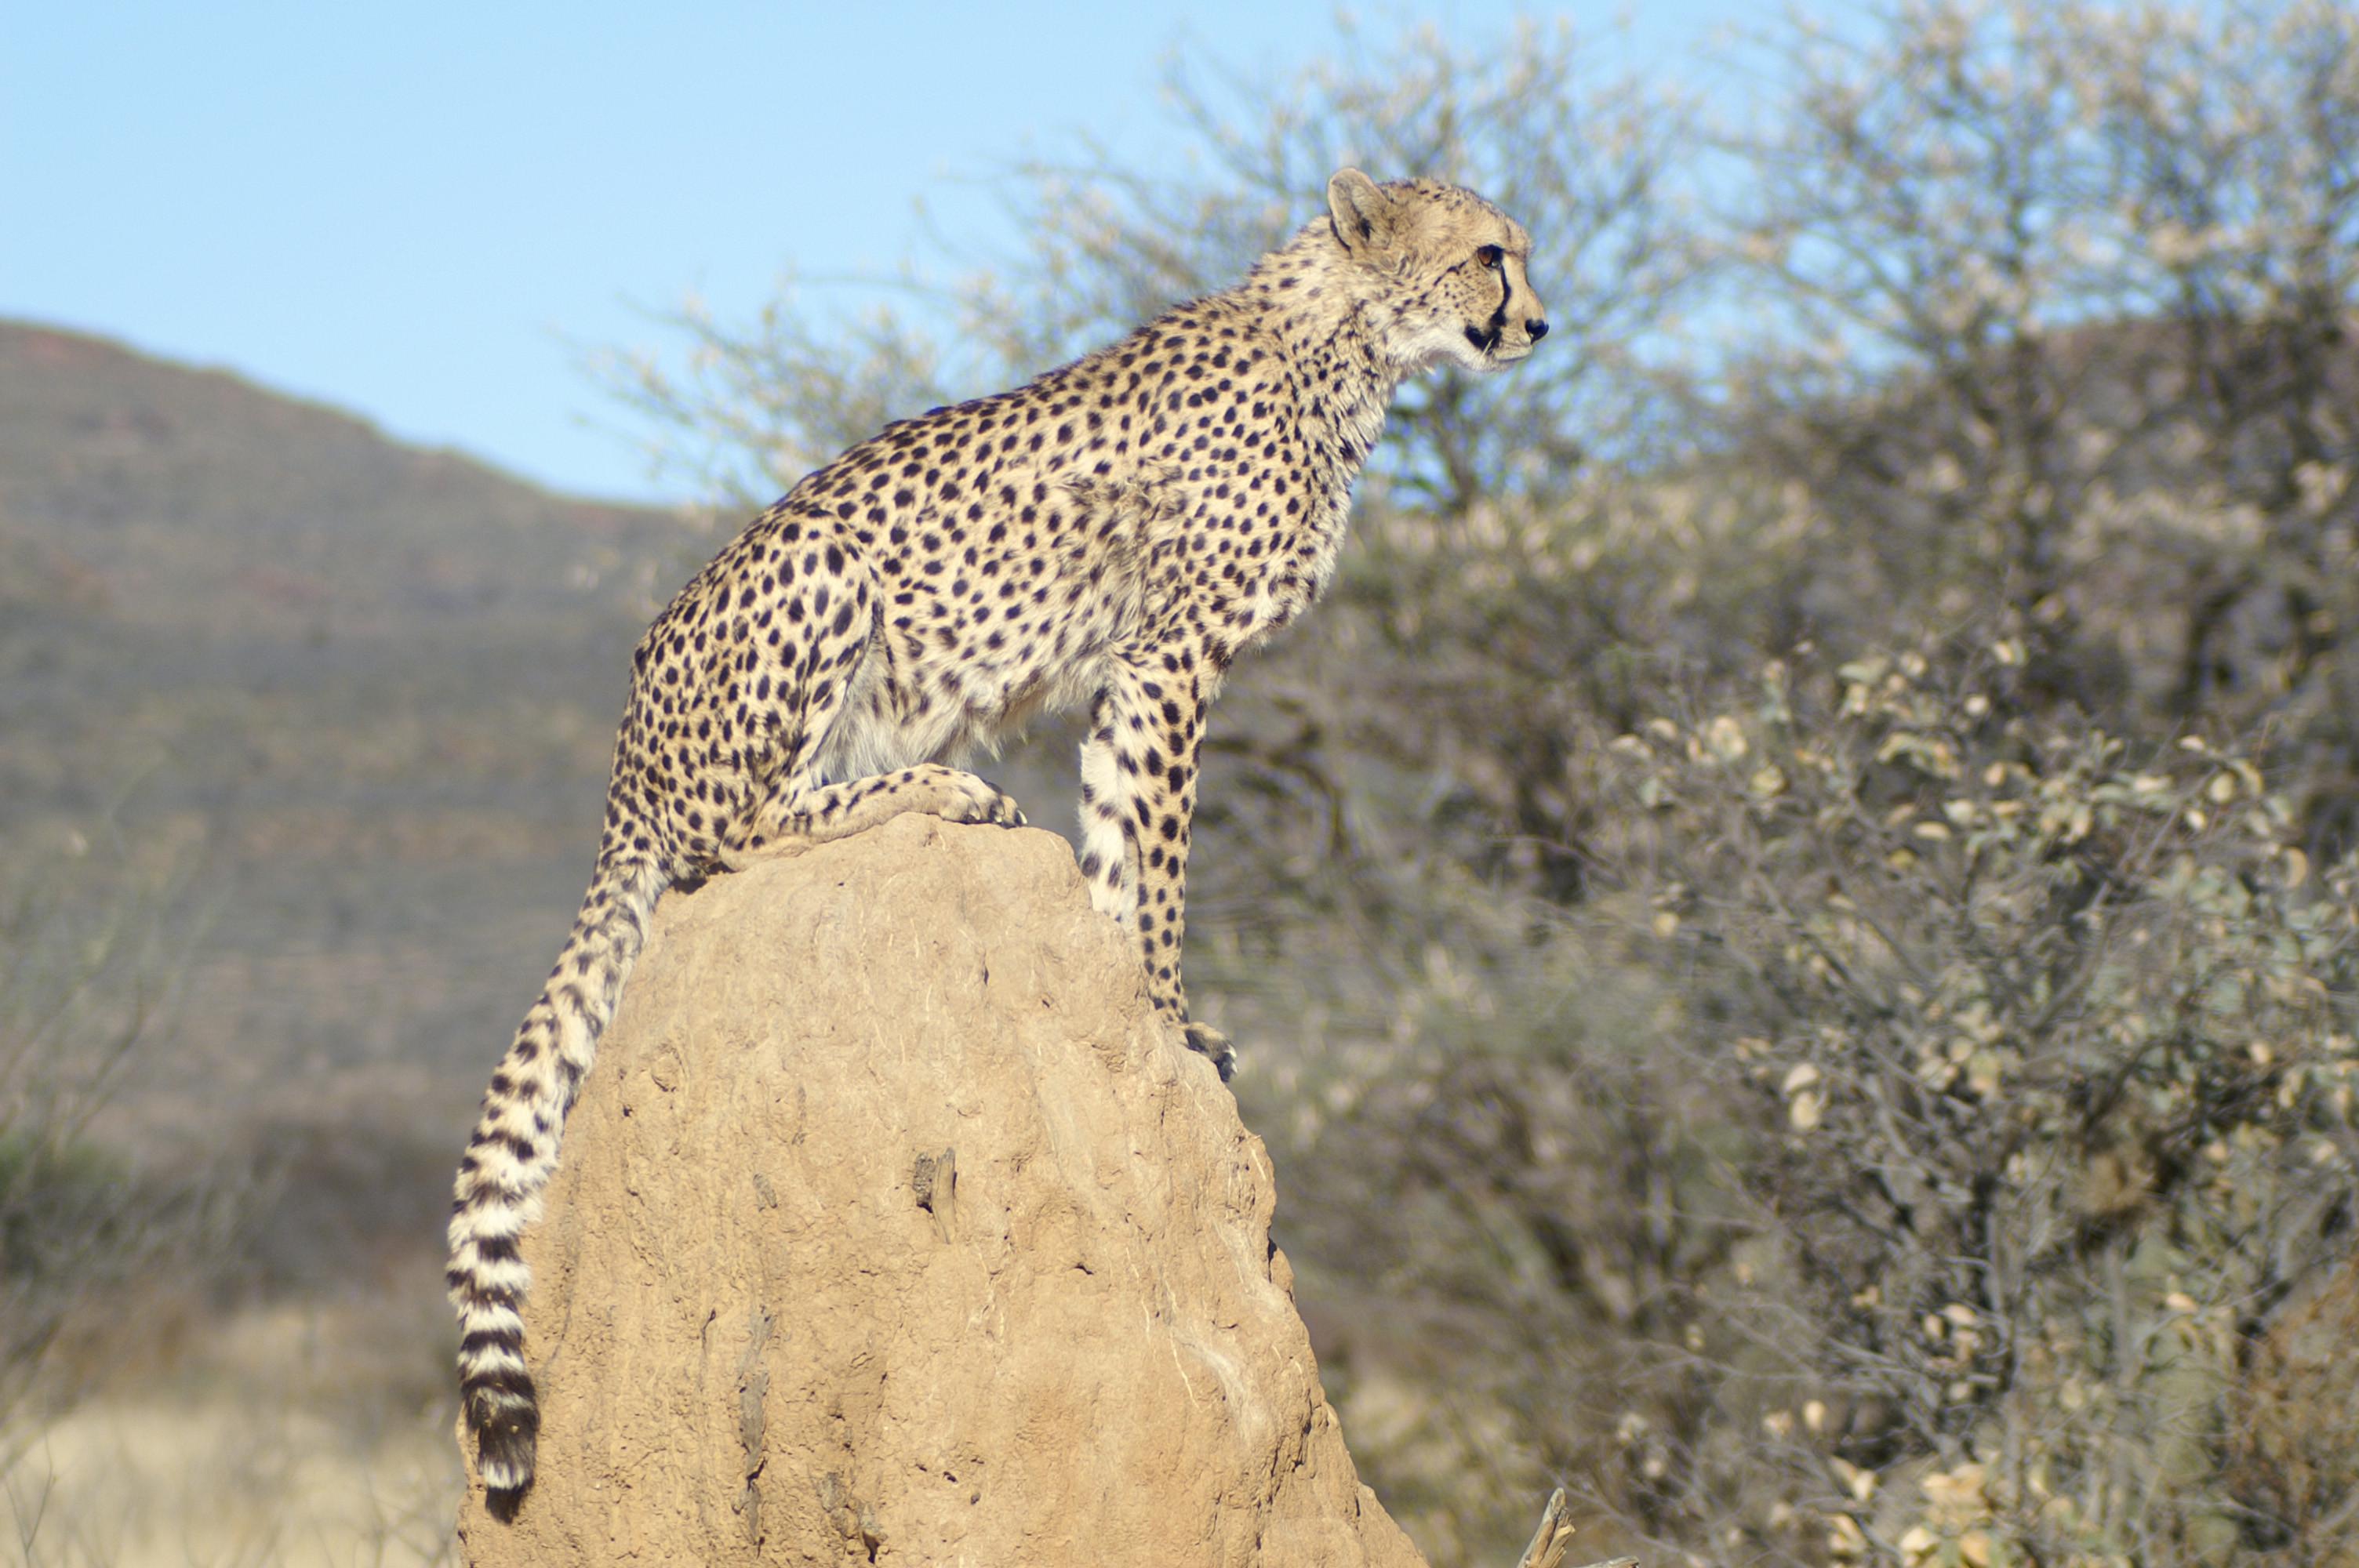 Cheetah heeft een uitzichtspunt gevonden op deze termietenheuvel